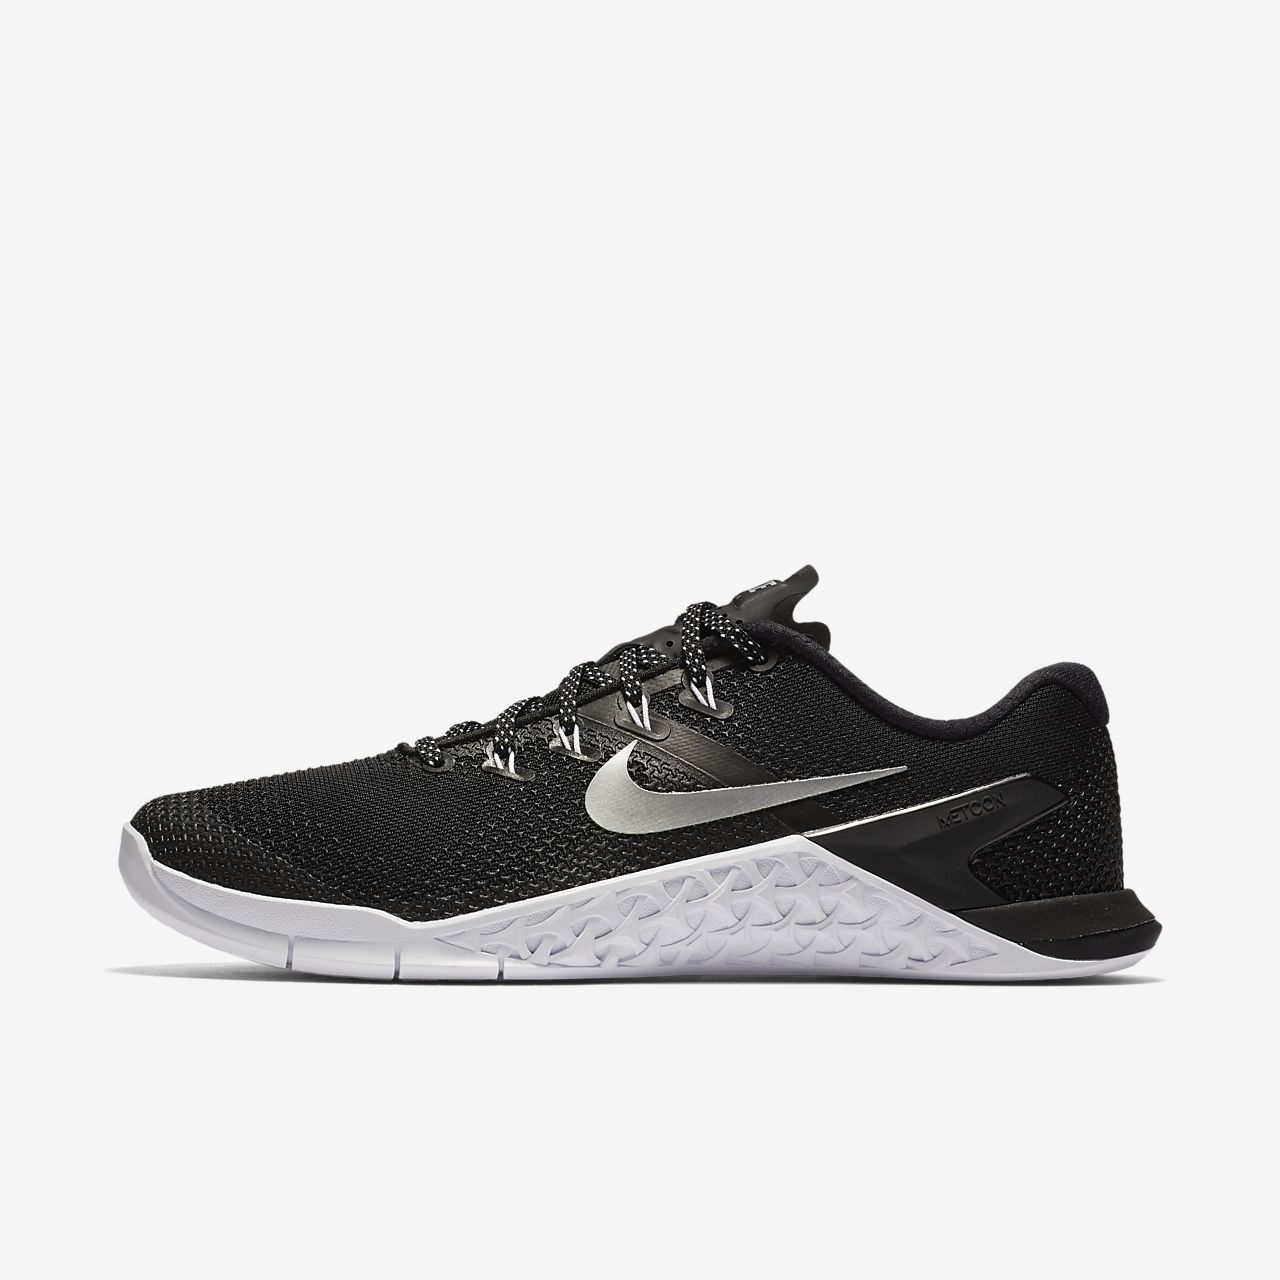 9c6aced43ab ... Calzado de cross training y levantamiento de pesas para mujer Nike  Metcon 4